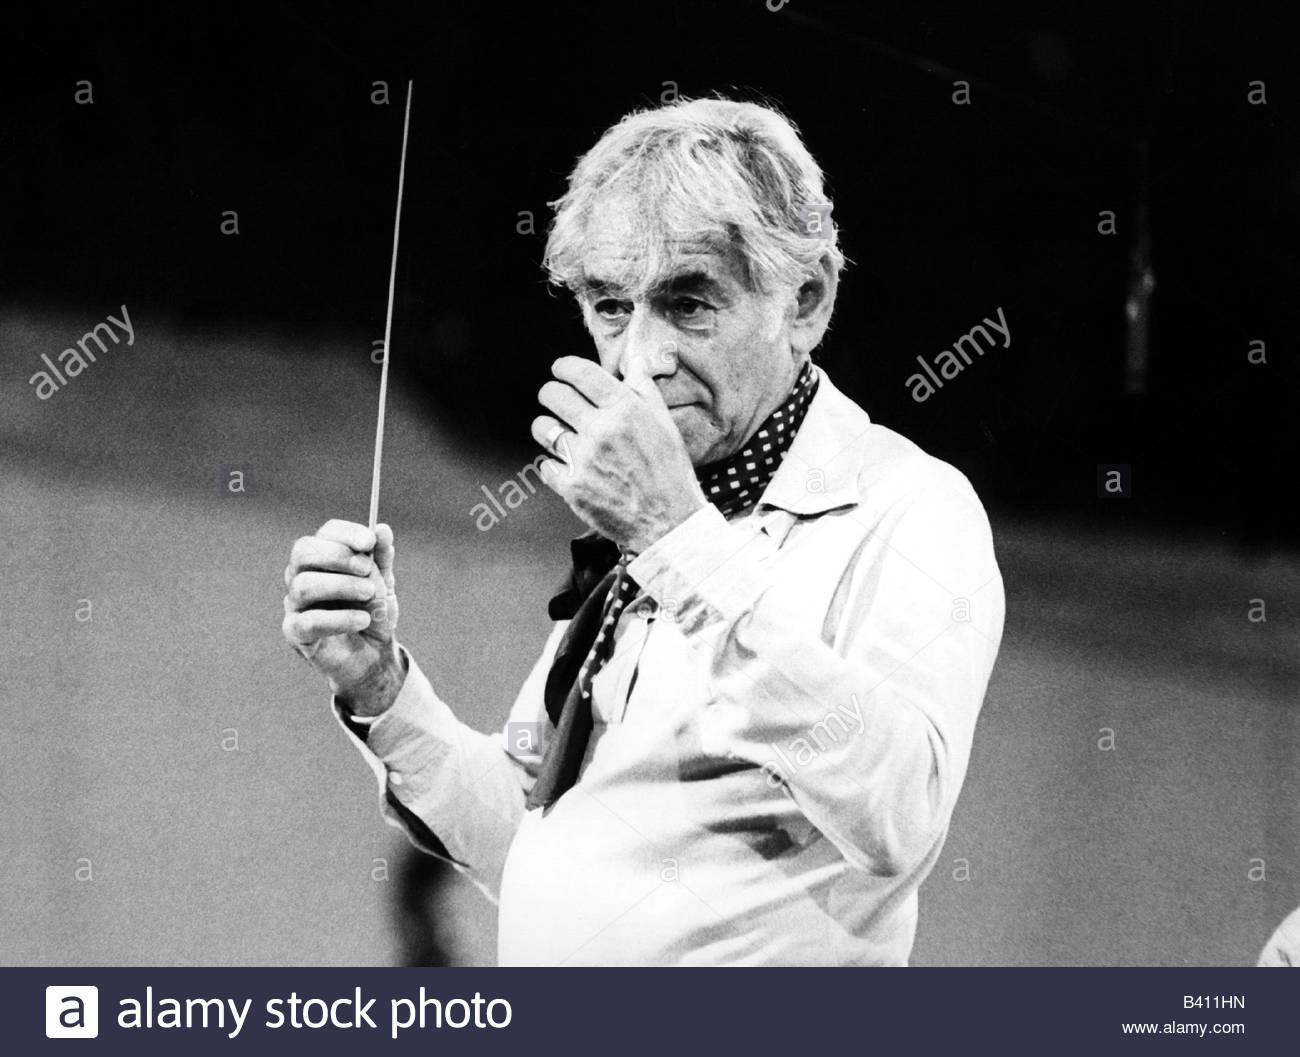 Bernstein, Leonard, 25.8.1918 - 14.10.1990, American ...